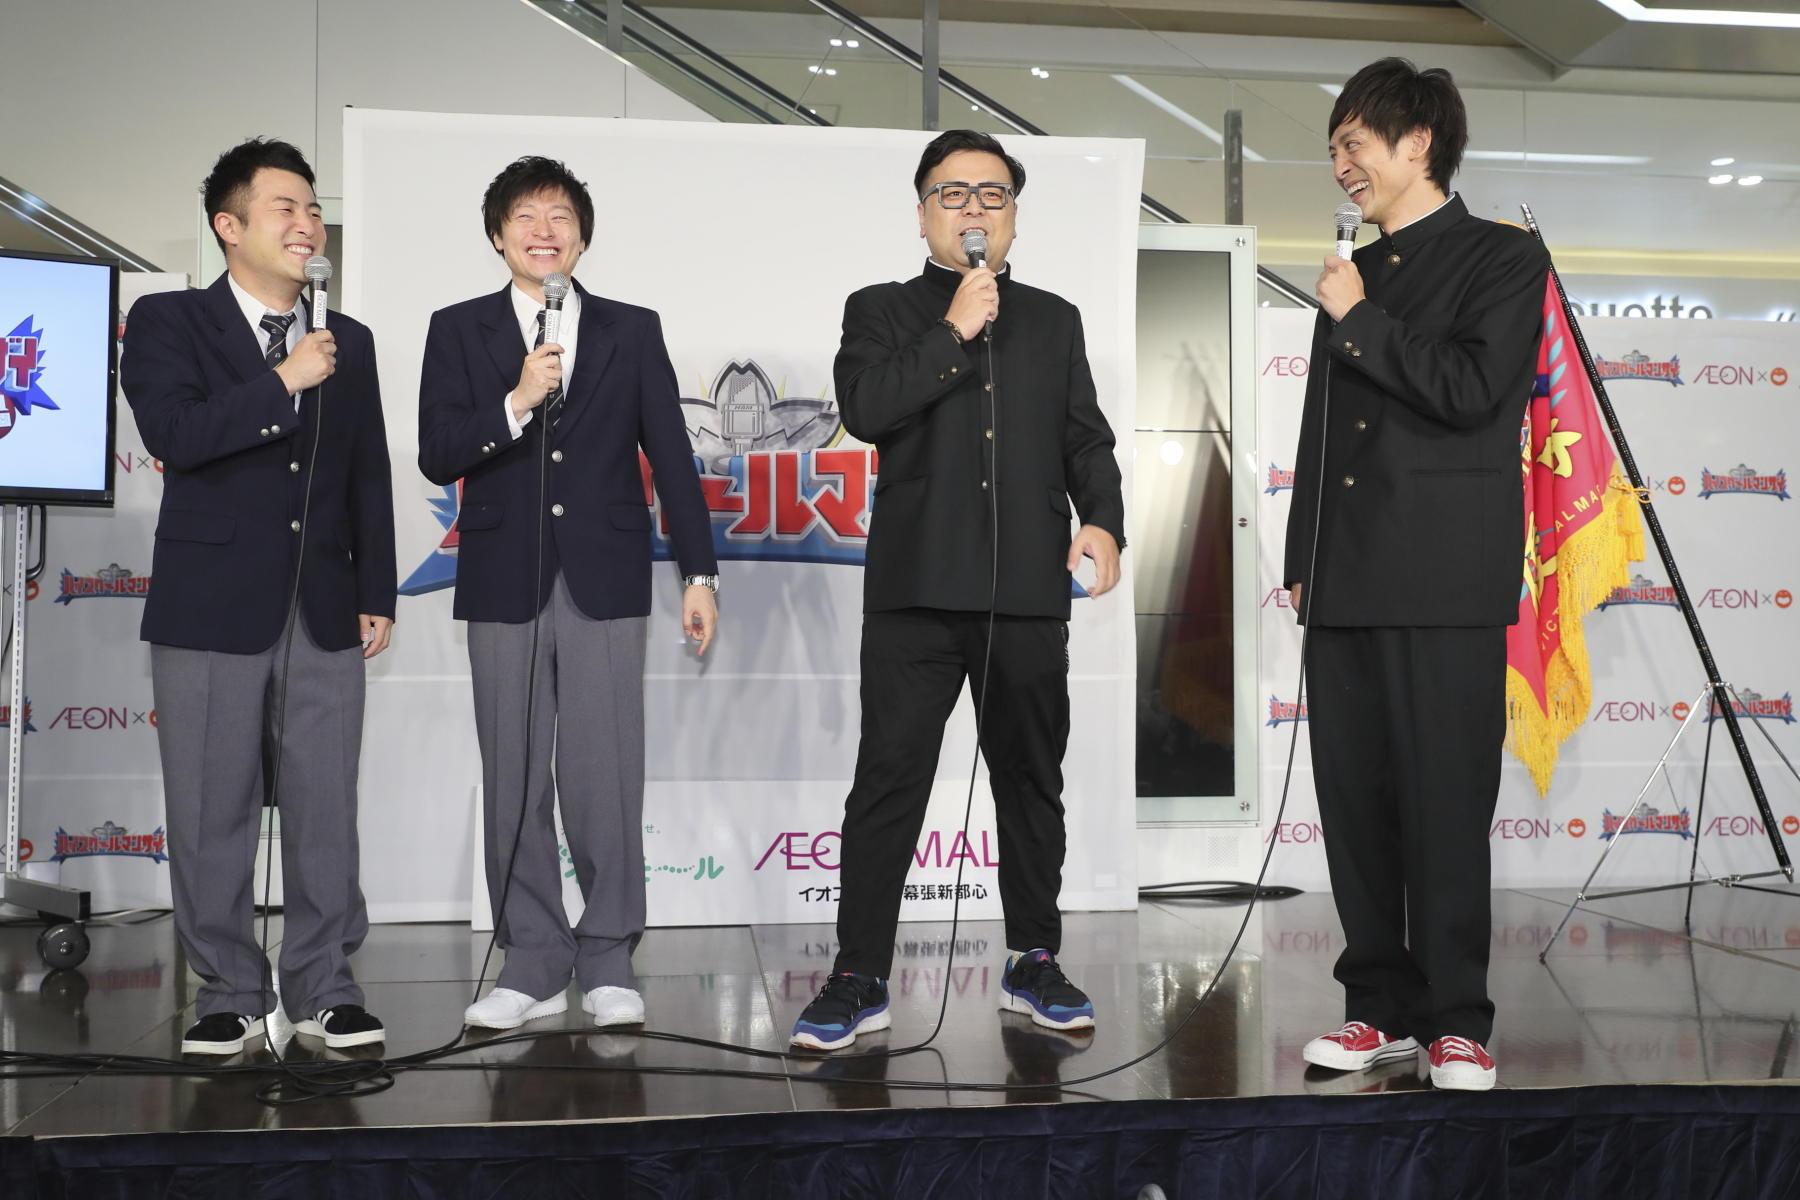 http://news.yoshimoto.co.jp/20180510215210-5d7c01ebc9d6f43edb80f9018617be34aa3ad32a.jpg